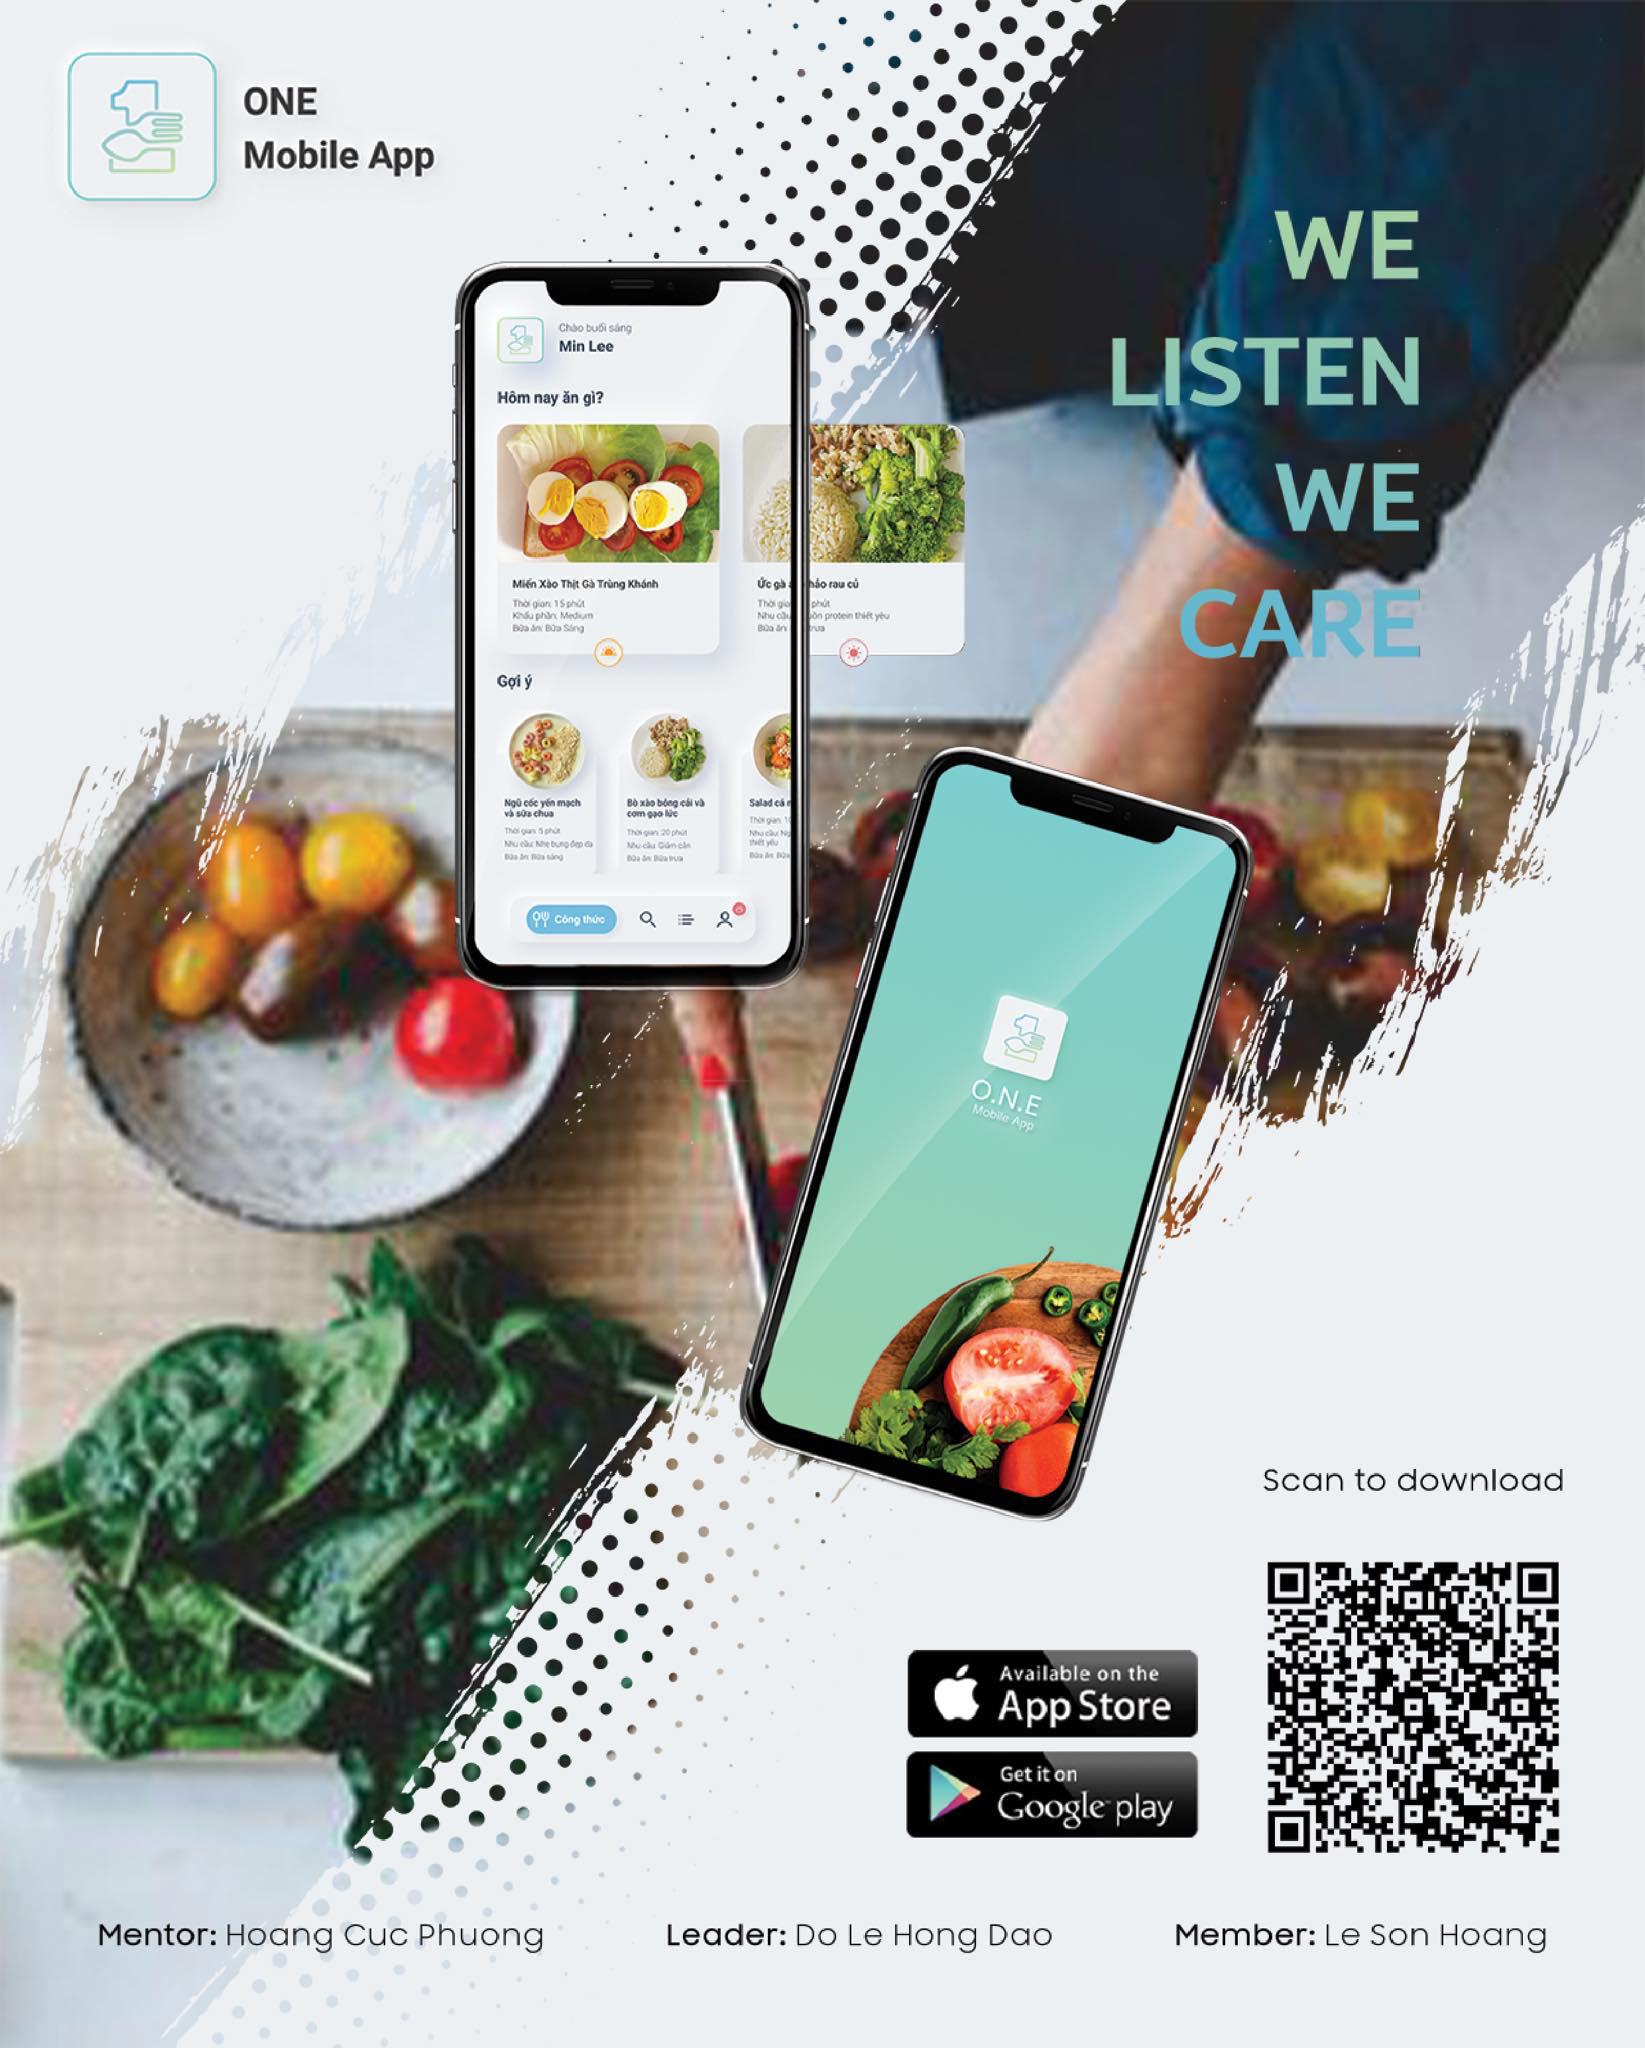 Sinh viên ĐH FPT làm app tư vấn bữa ăn dinh dưỡng cho người độc thân bận rộn - Ảnh 1.